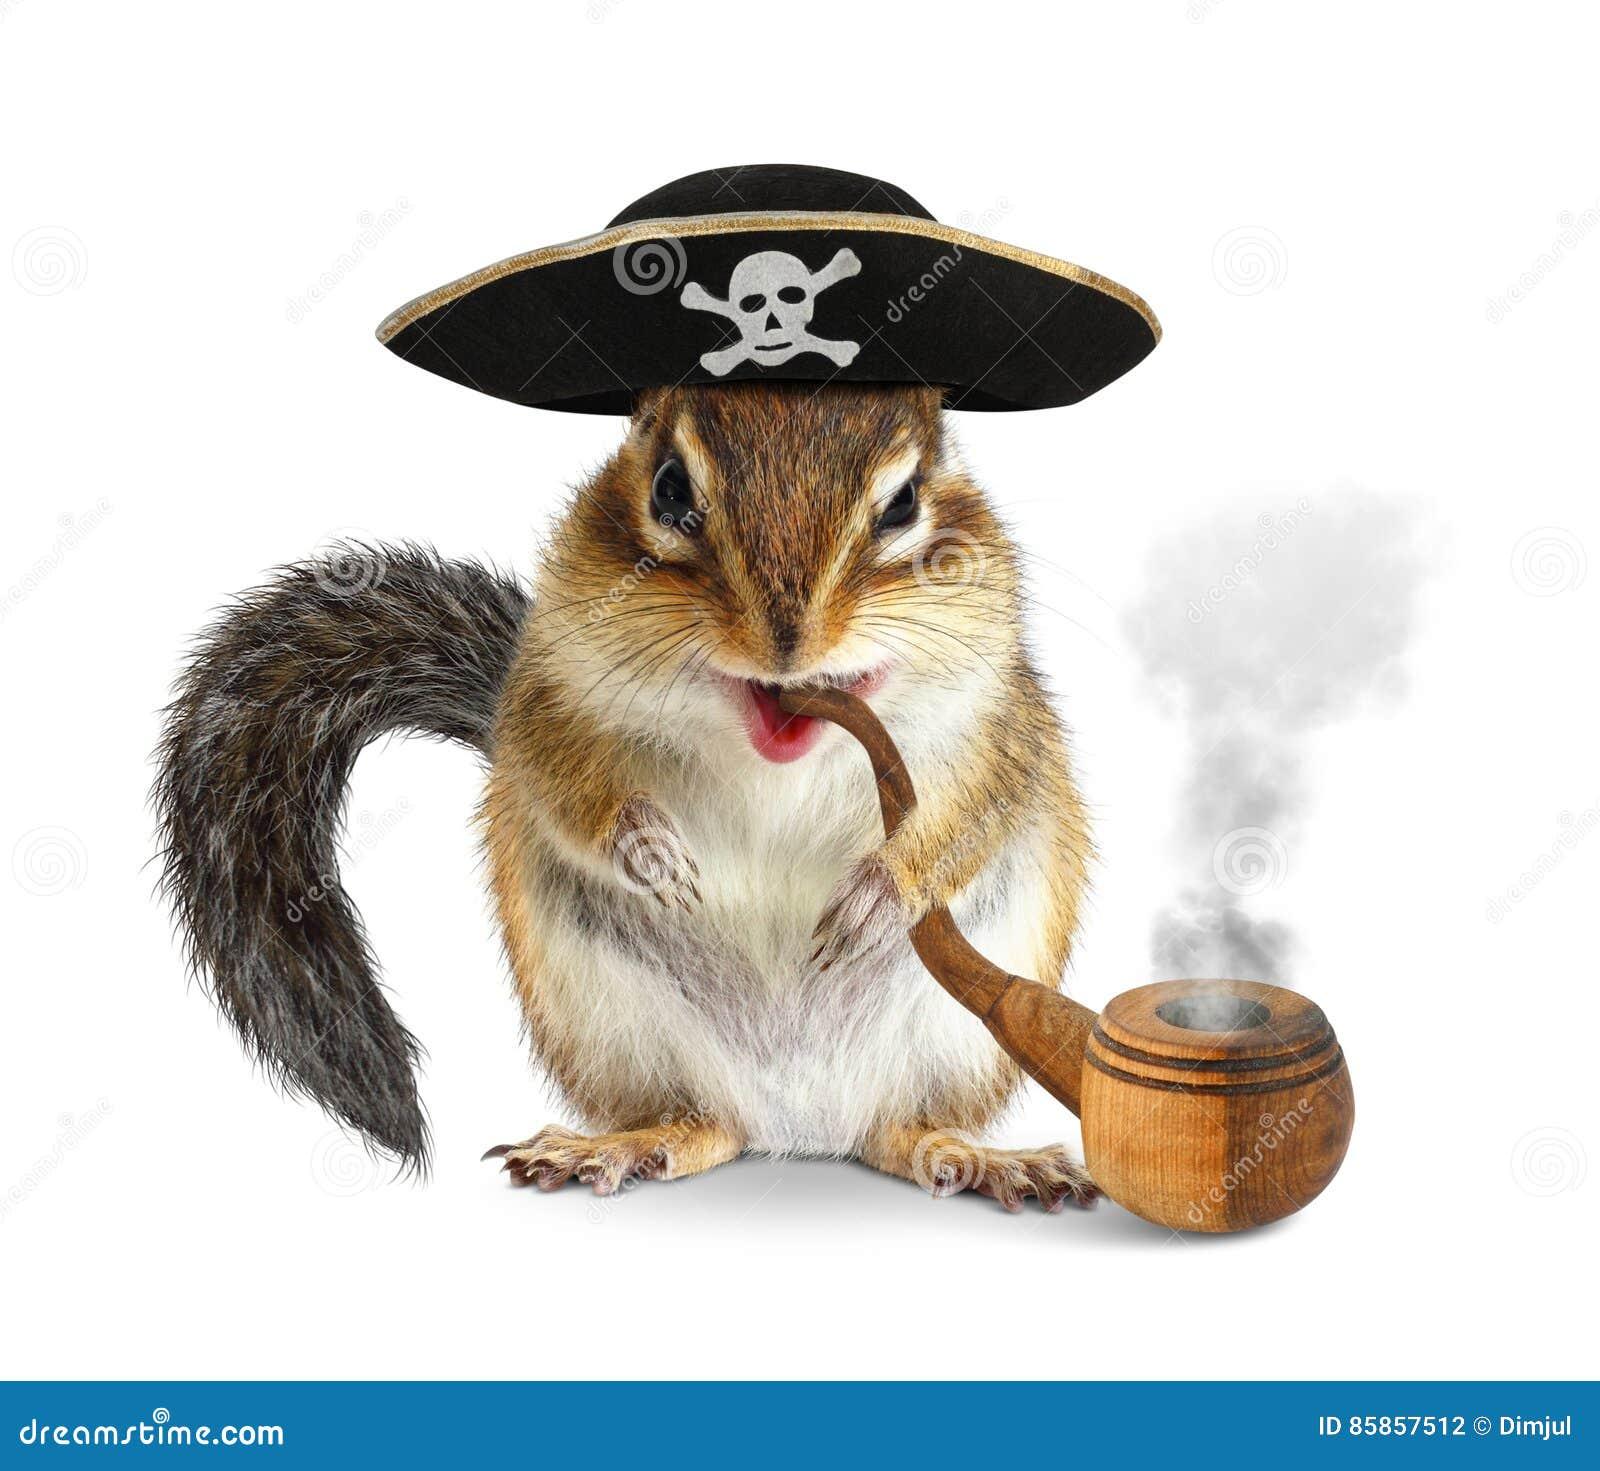 Αστείος ζωικός πειρατής, chipmunk με το σωλήνα και το isola καπέλων κωλυσιεργίας